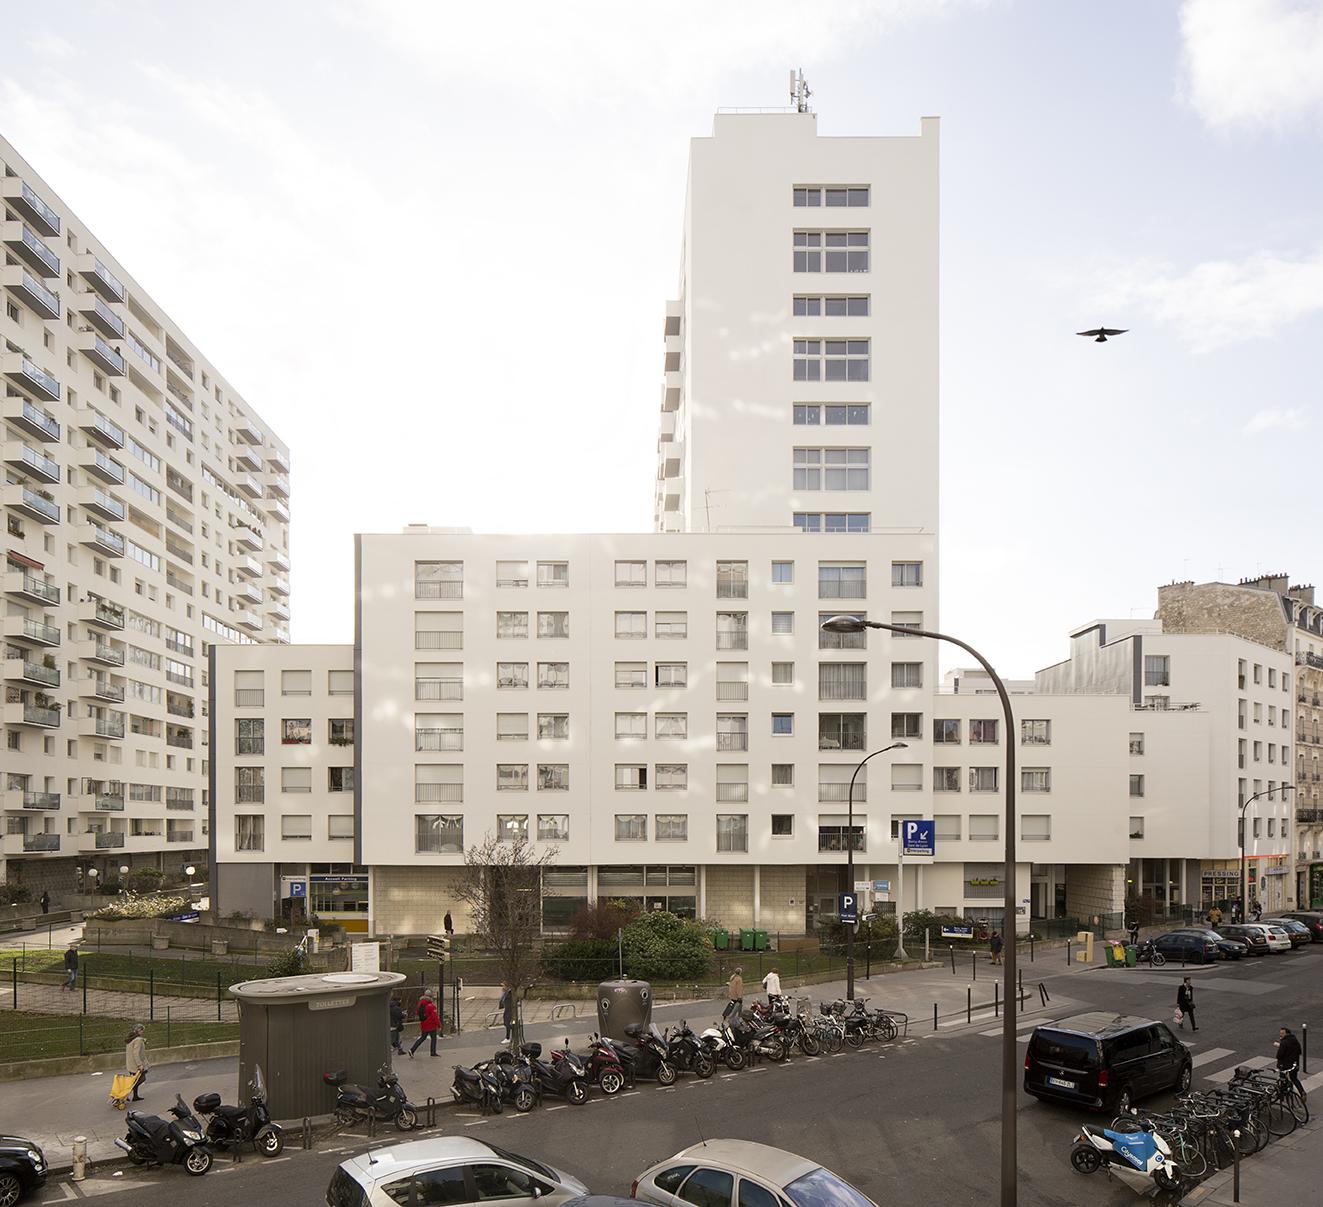 Paris Erard _ 02 _07